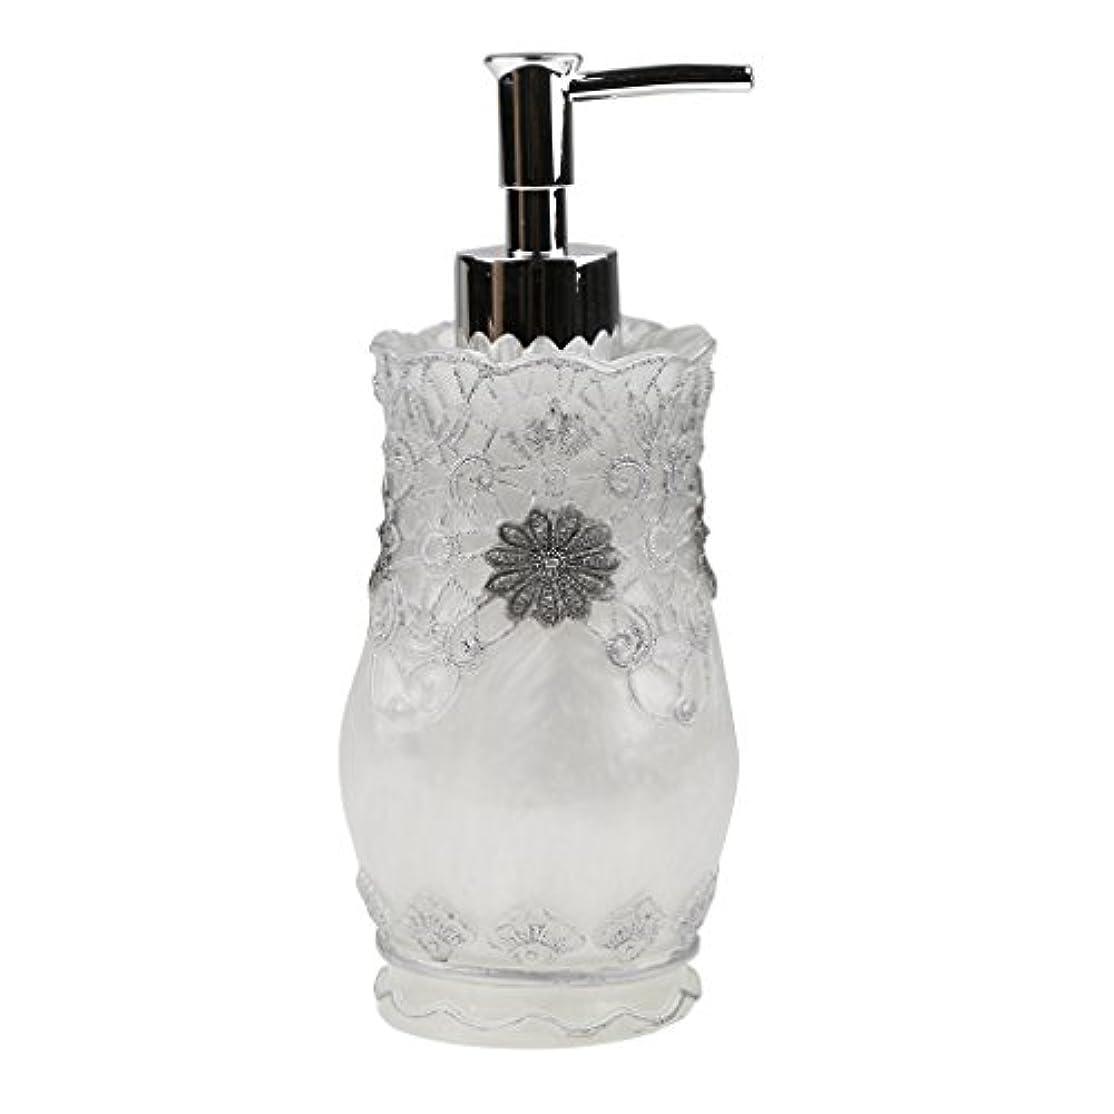 竜巻発音する内陸Homyl 液体ソープ シャンプー用 空 シャンプー ボトル  詰め替えボトル 美しい エレガント デザイン  全4種類 - #2